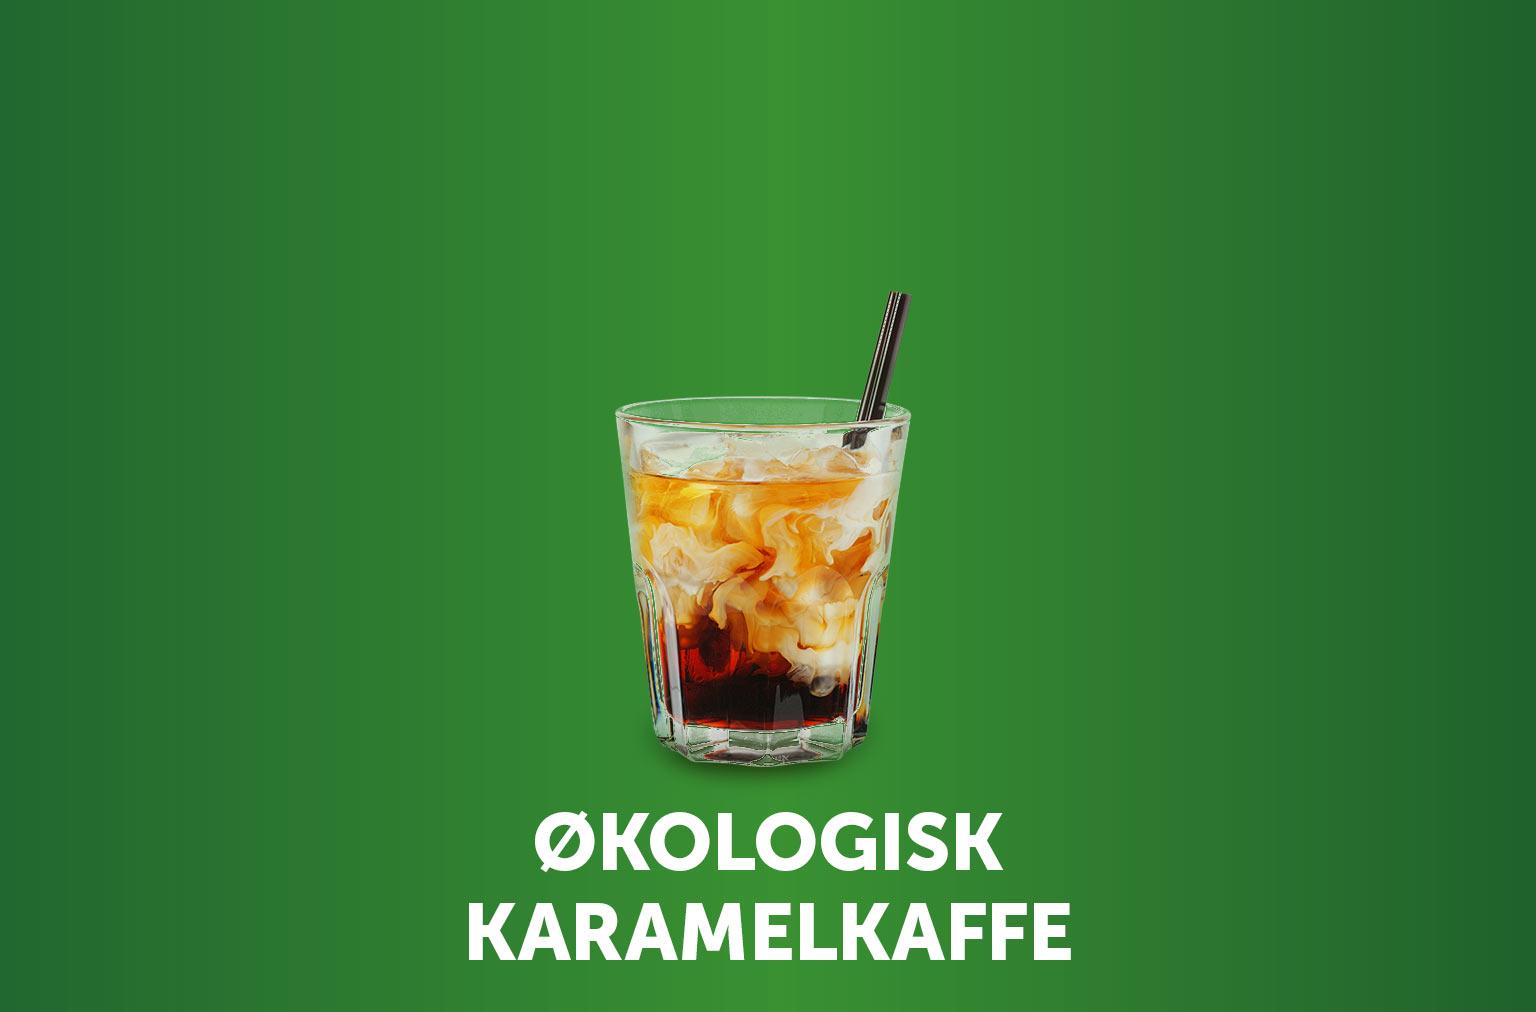 Økologisk Karamelkaffe